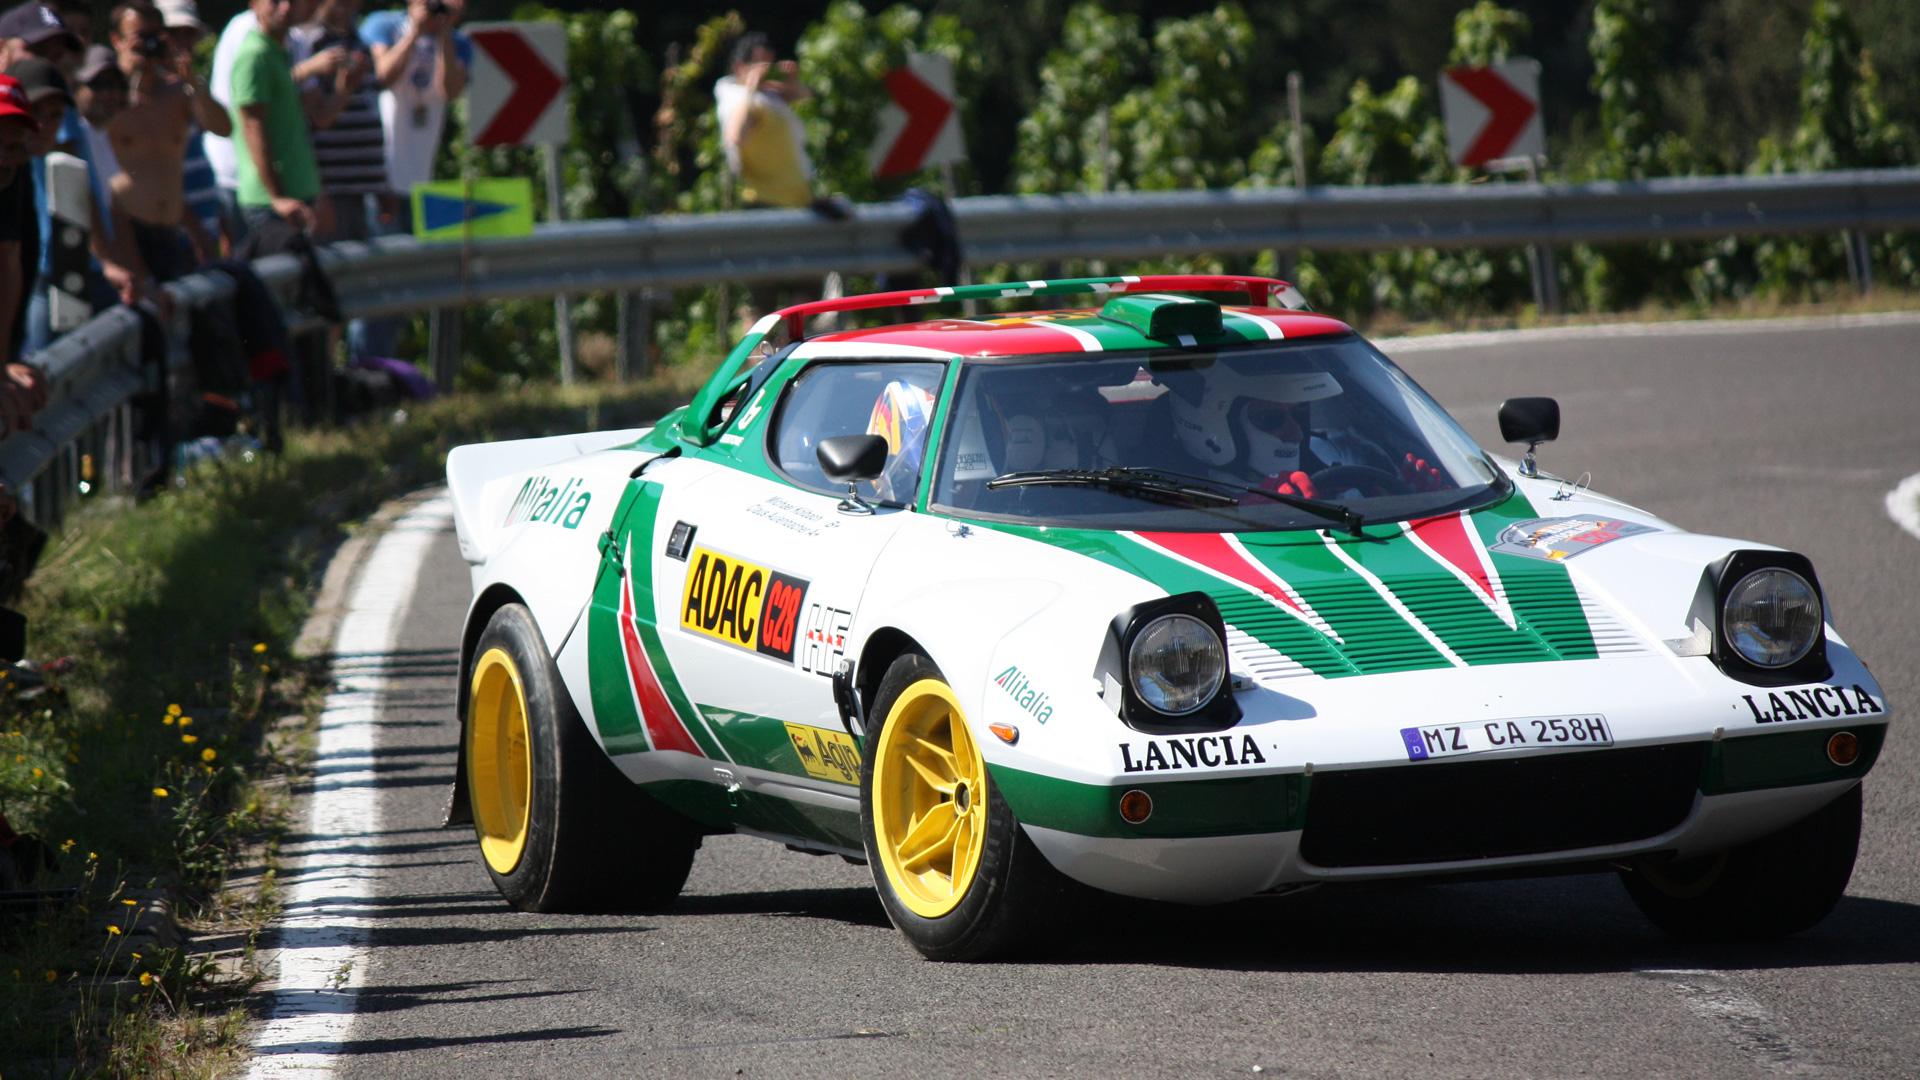 El Lancia Stratos sigue siendo considerado como uno de los coches de Rallye más importantes de la historia.